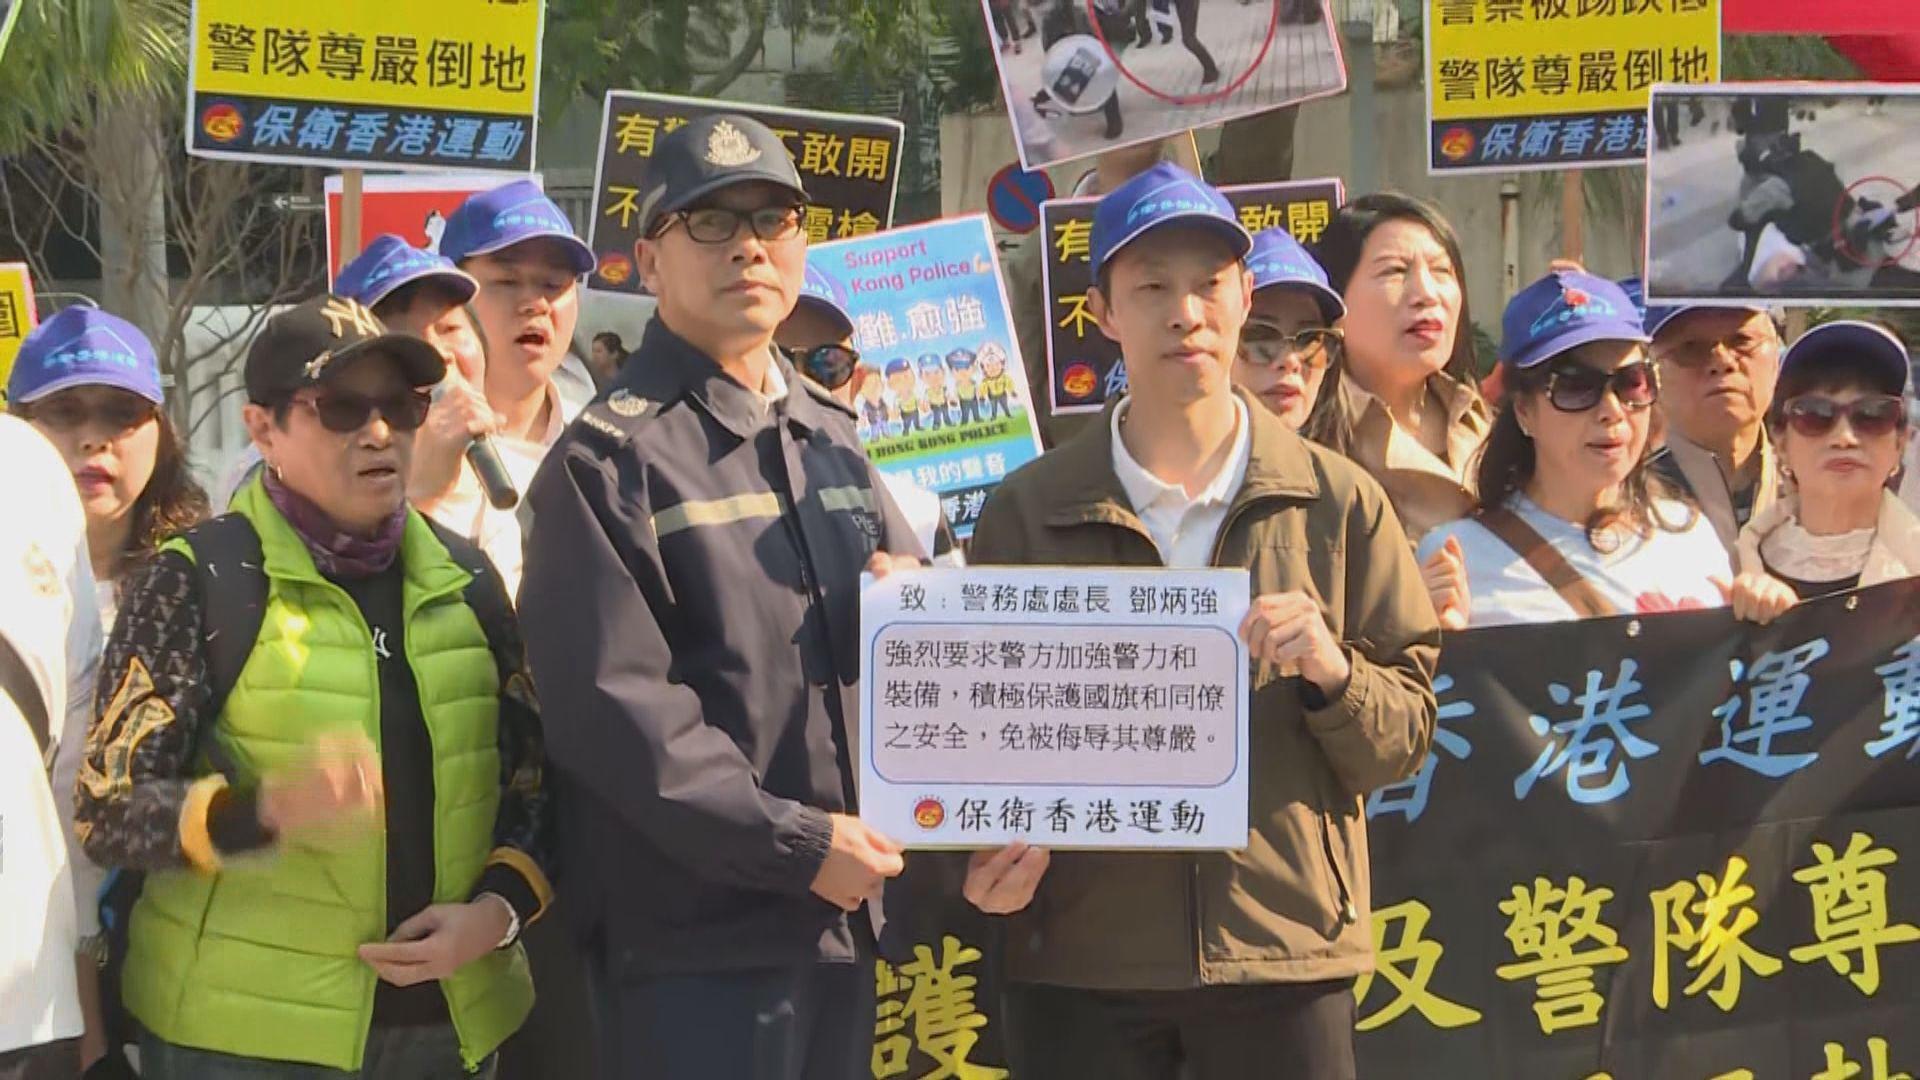 保衛香港運動倡引入電槍及嚴懲示威者